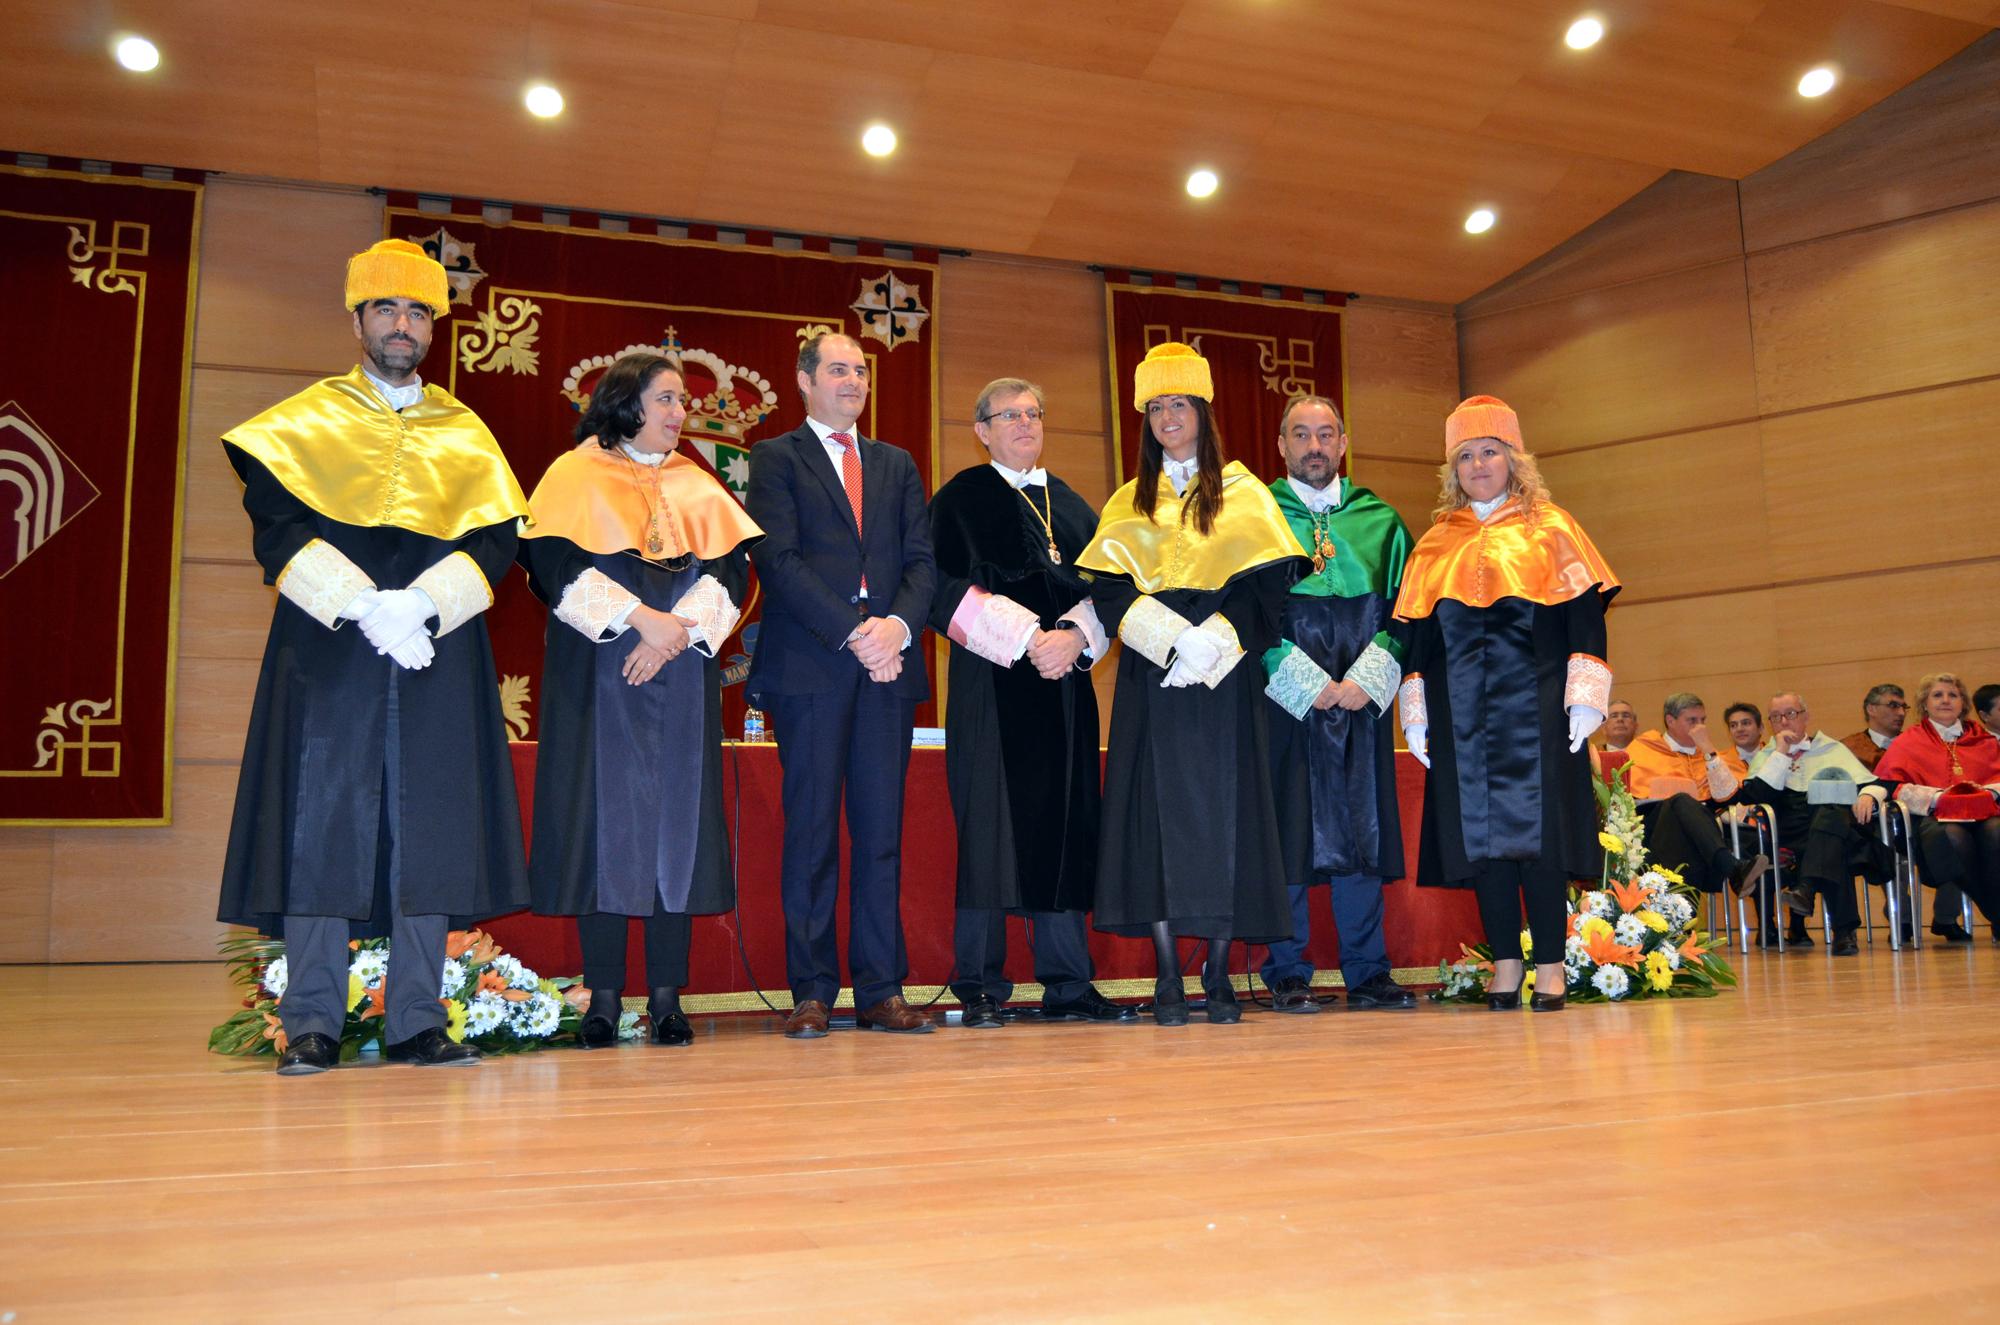 La UCLM conmemora la festividad de su patrón con la incorporación de 168 nuevos doctores a su Claustro